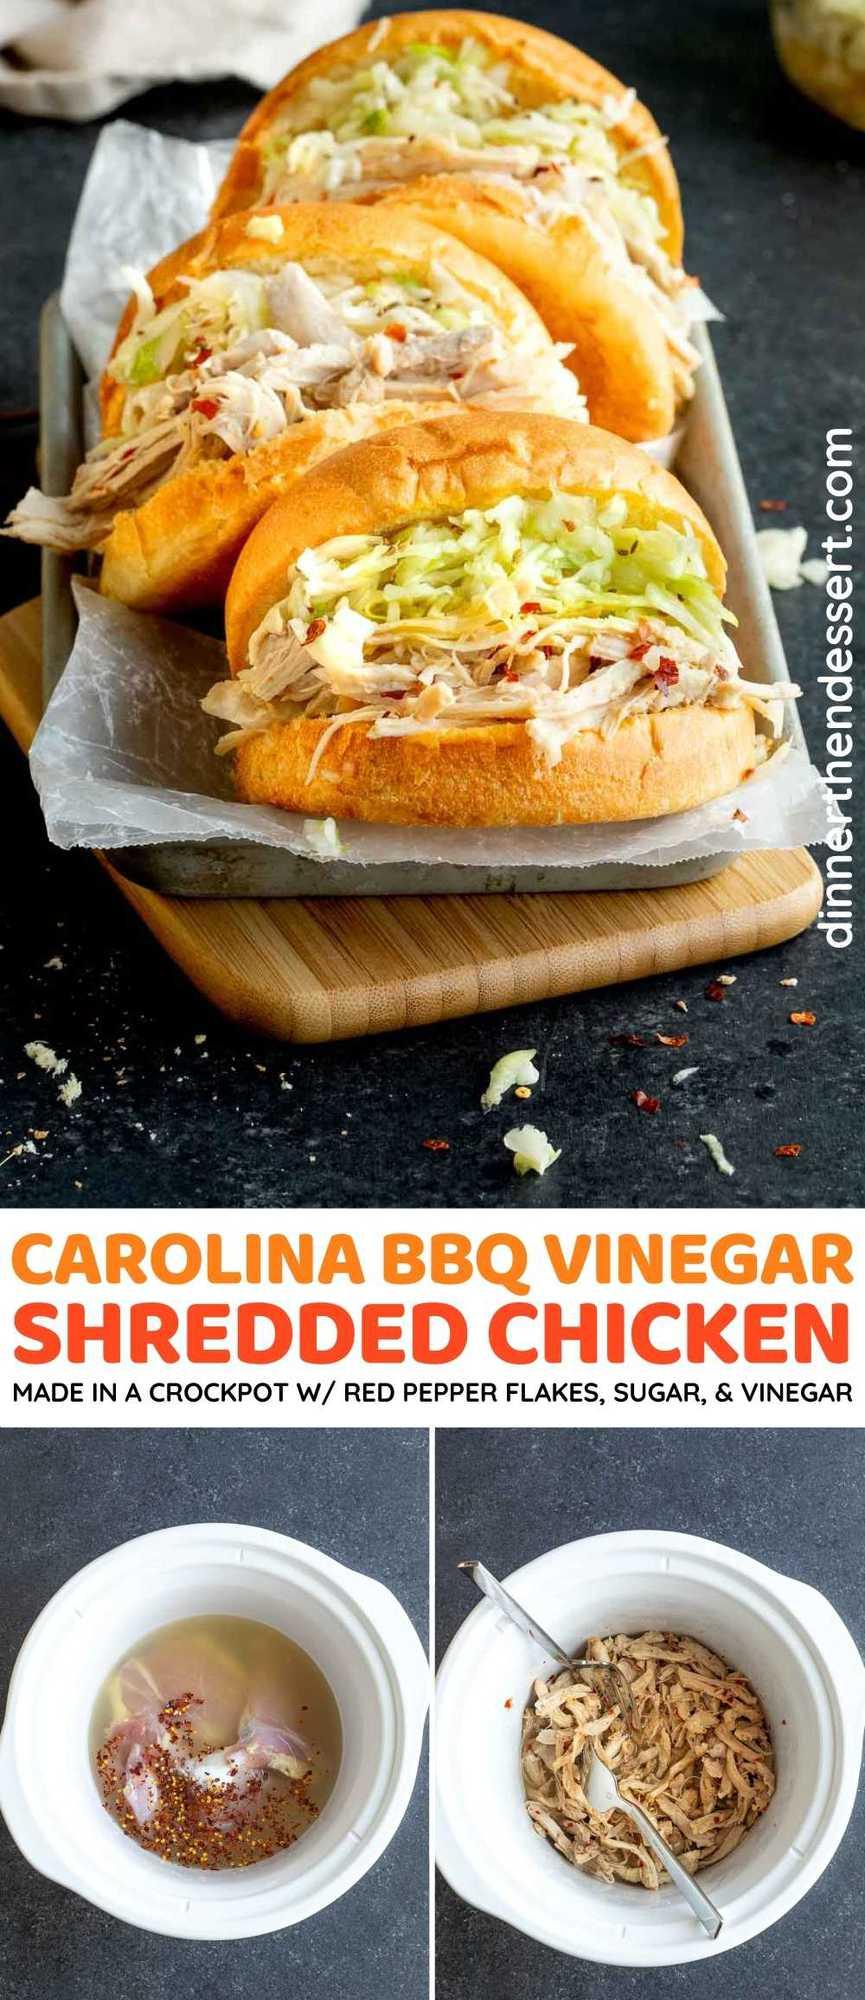 Carolina BBQ Vinegar Shredded Chicken collage